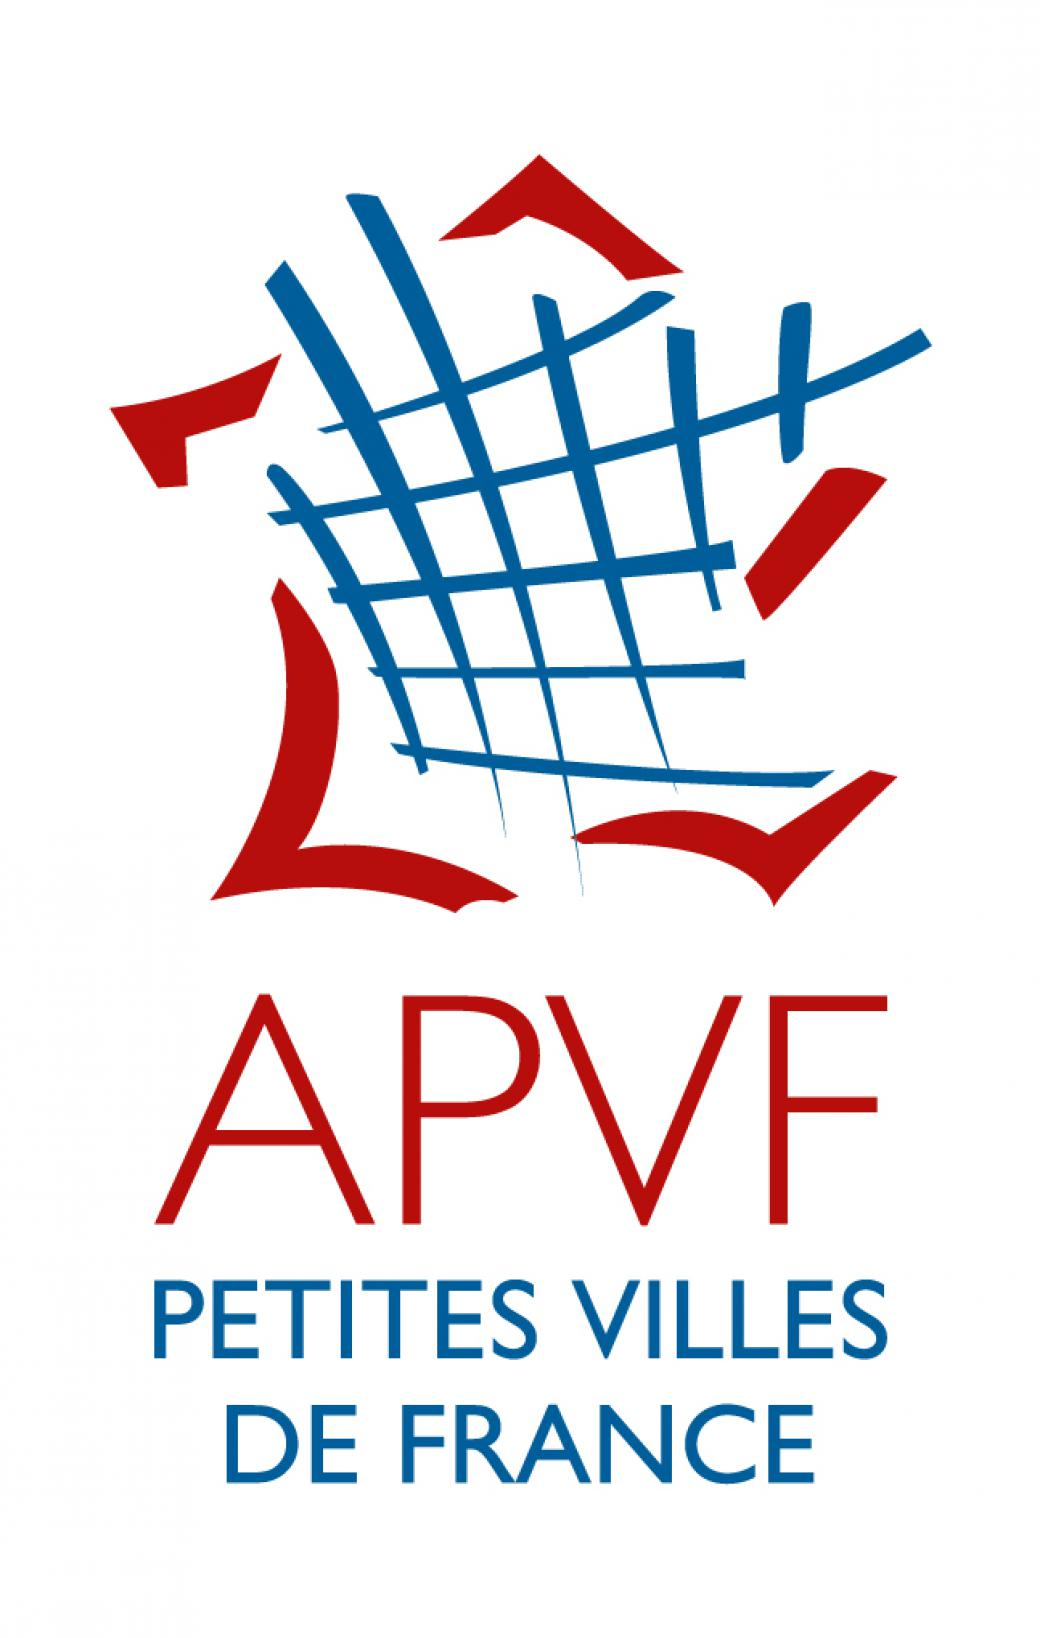 APVF Association des petites villes de France